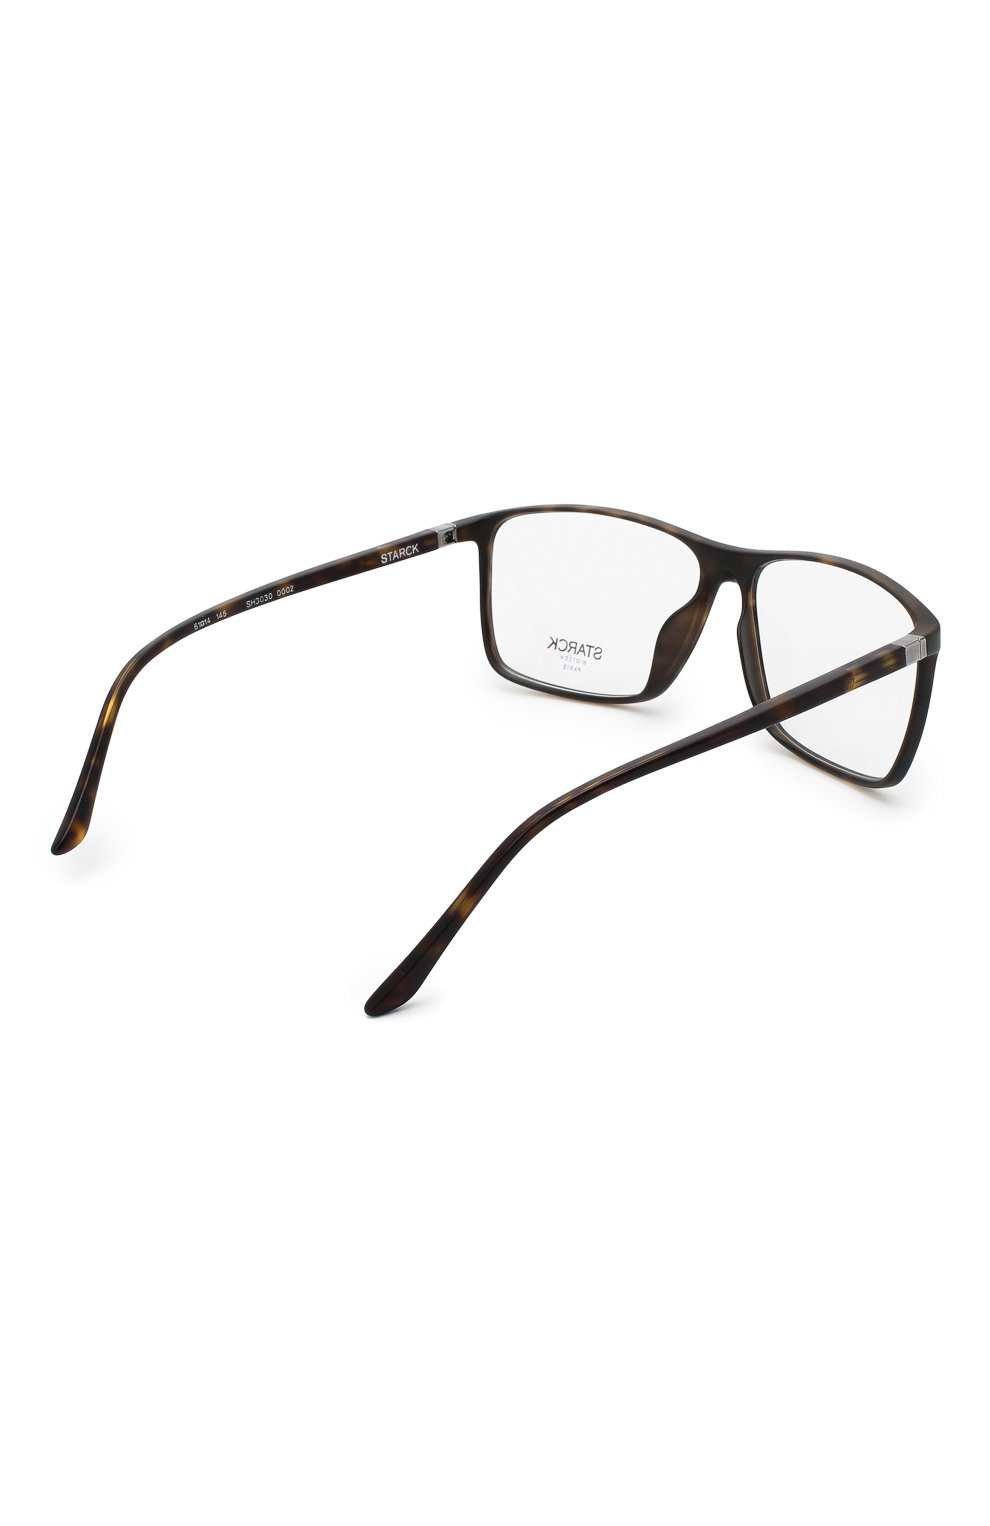 Мужские оправа STARCK EYES коричневого цвета, арт. 3030-0002 | Фото 4 (Тип очков: Оправа; Очки форма: Прямоугольные; Оптика Гендер: оптика-мужское)